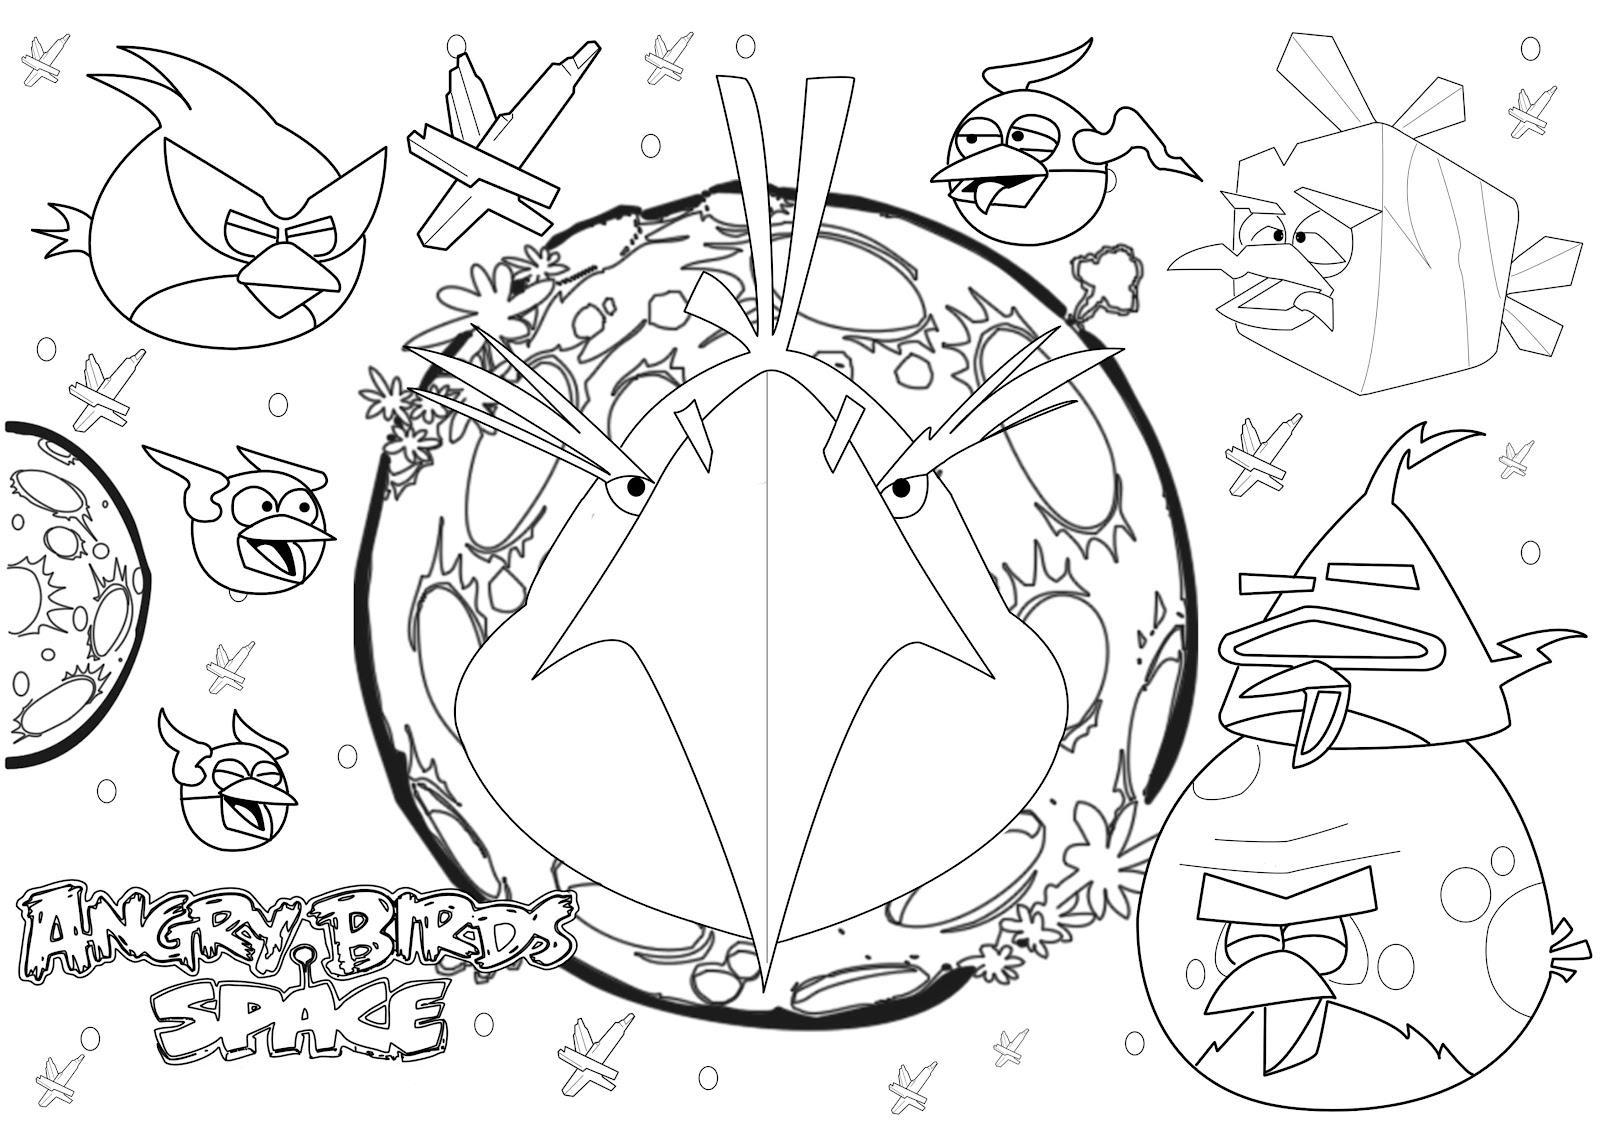 Dibujo para colorear de Angry Birds Space : Eagle Bird entra en acción